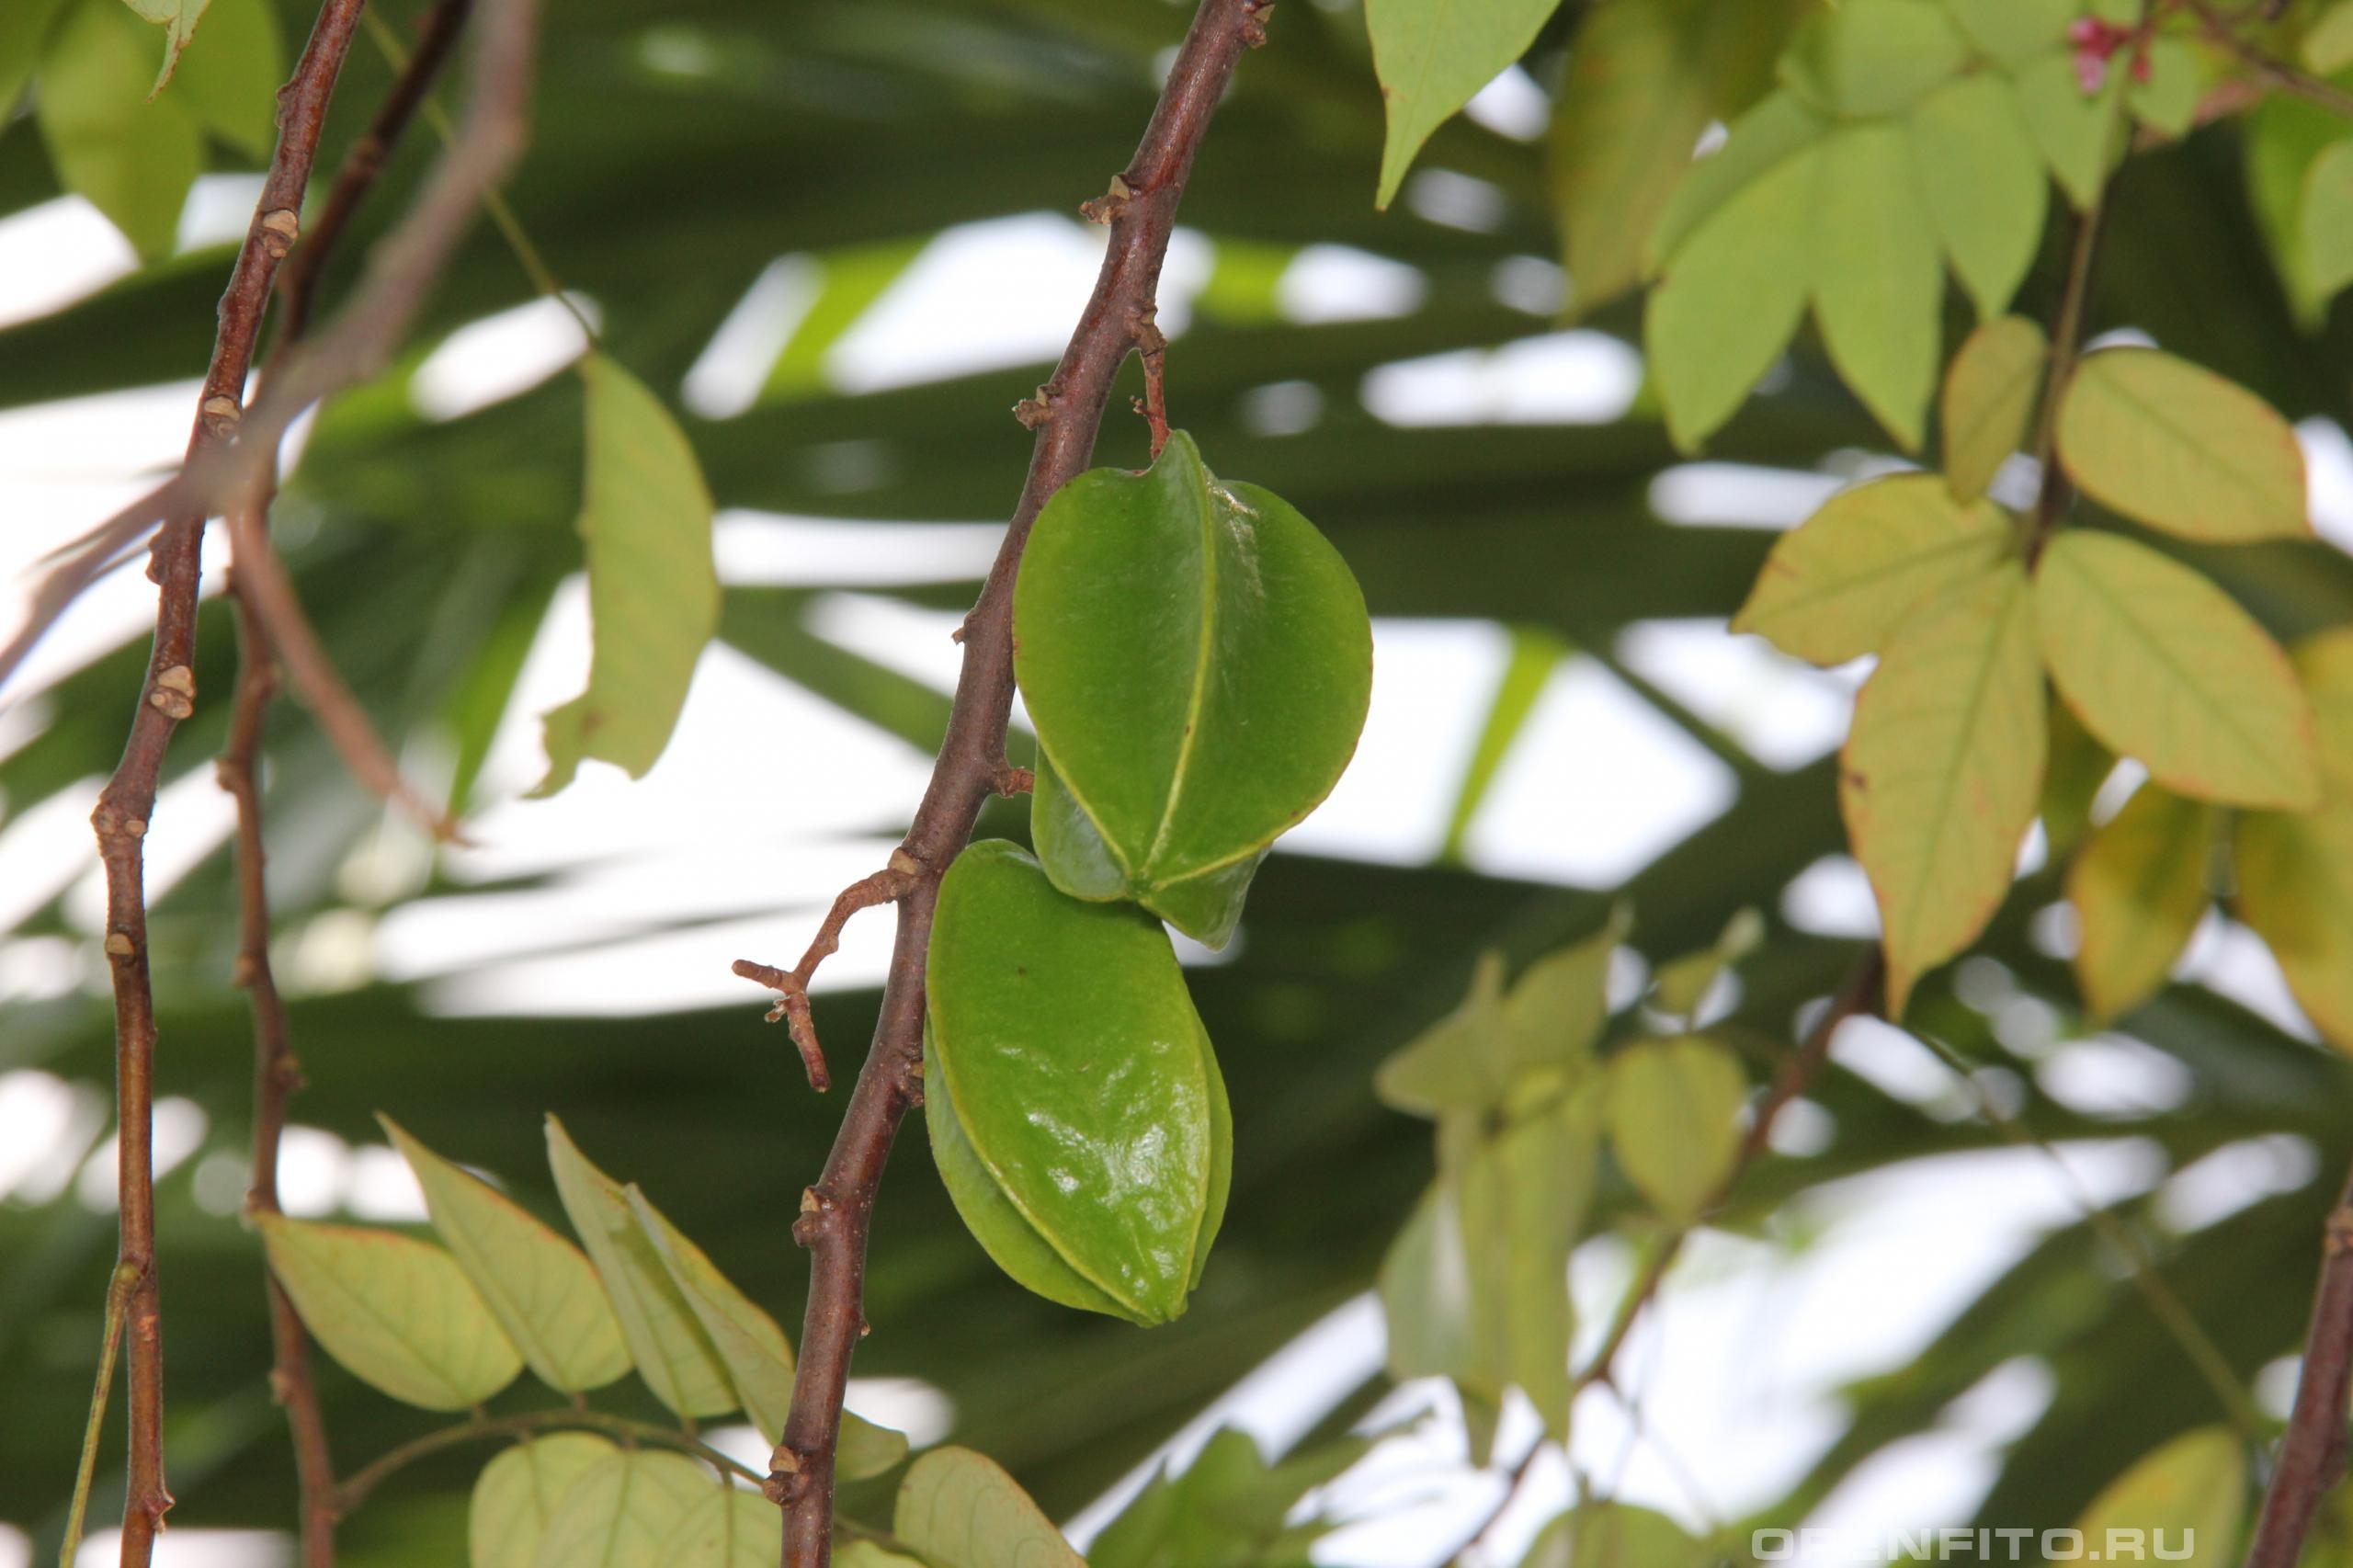 Аверойя карамбола вкусный экзотический фрукт